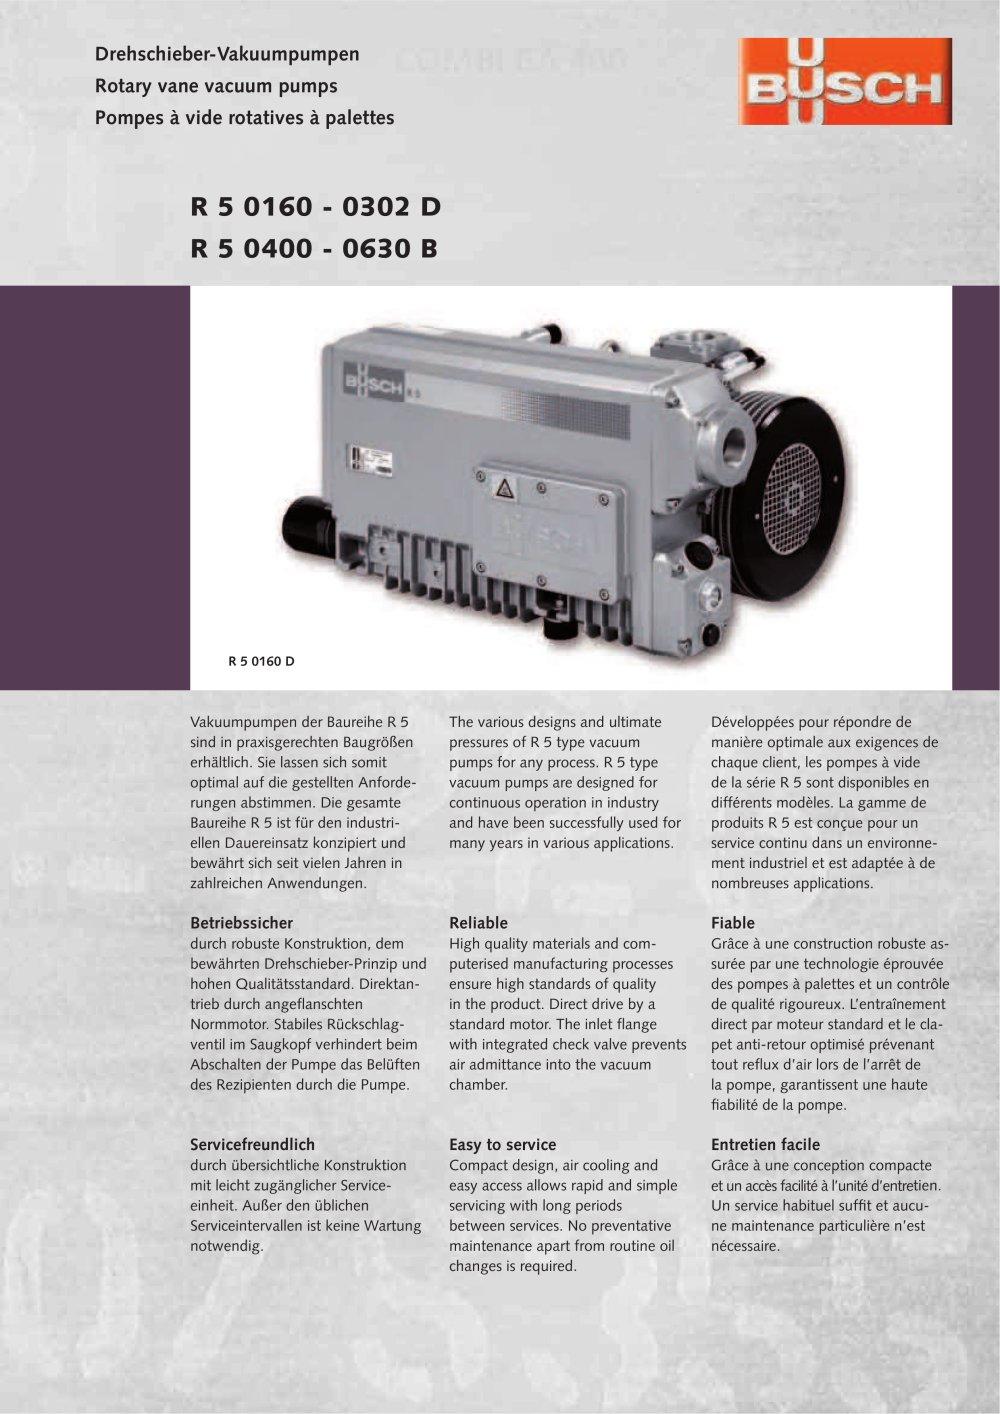 Pompe a vide busch pdf